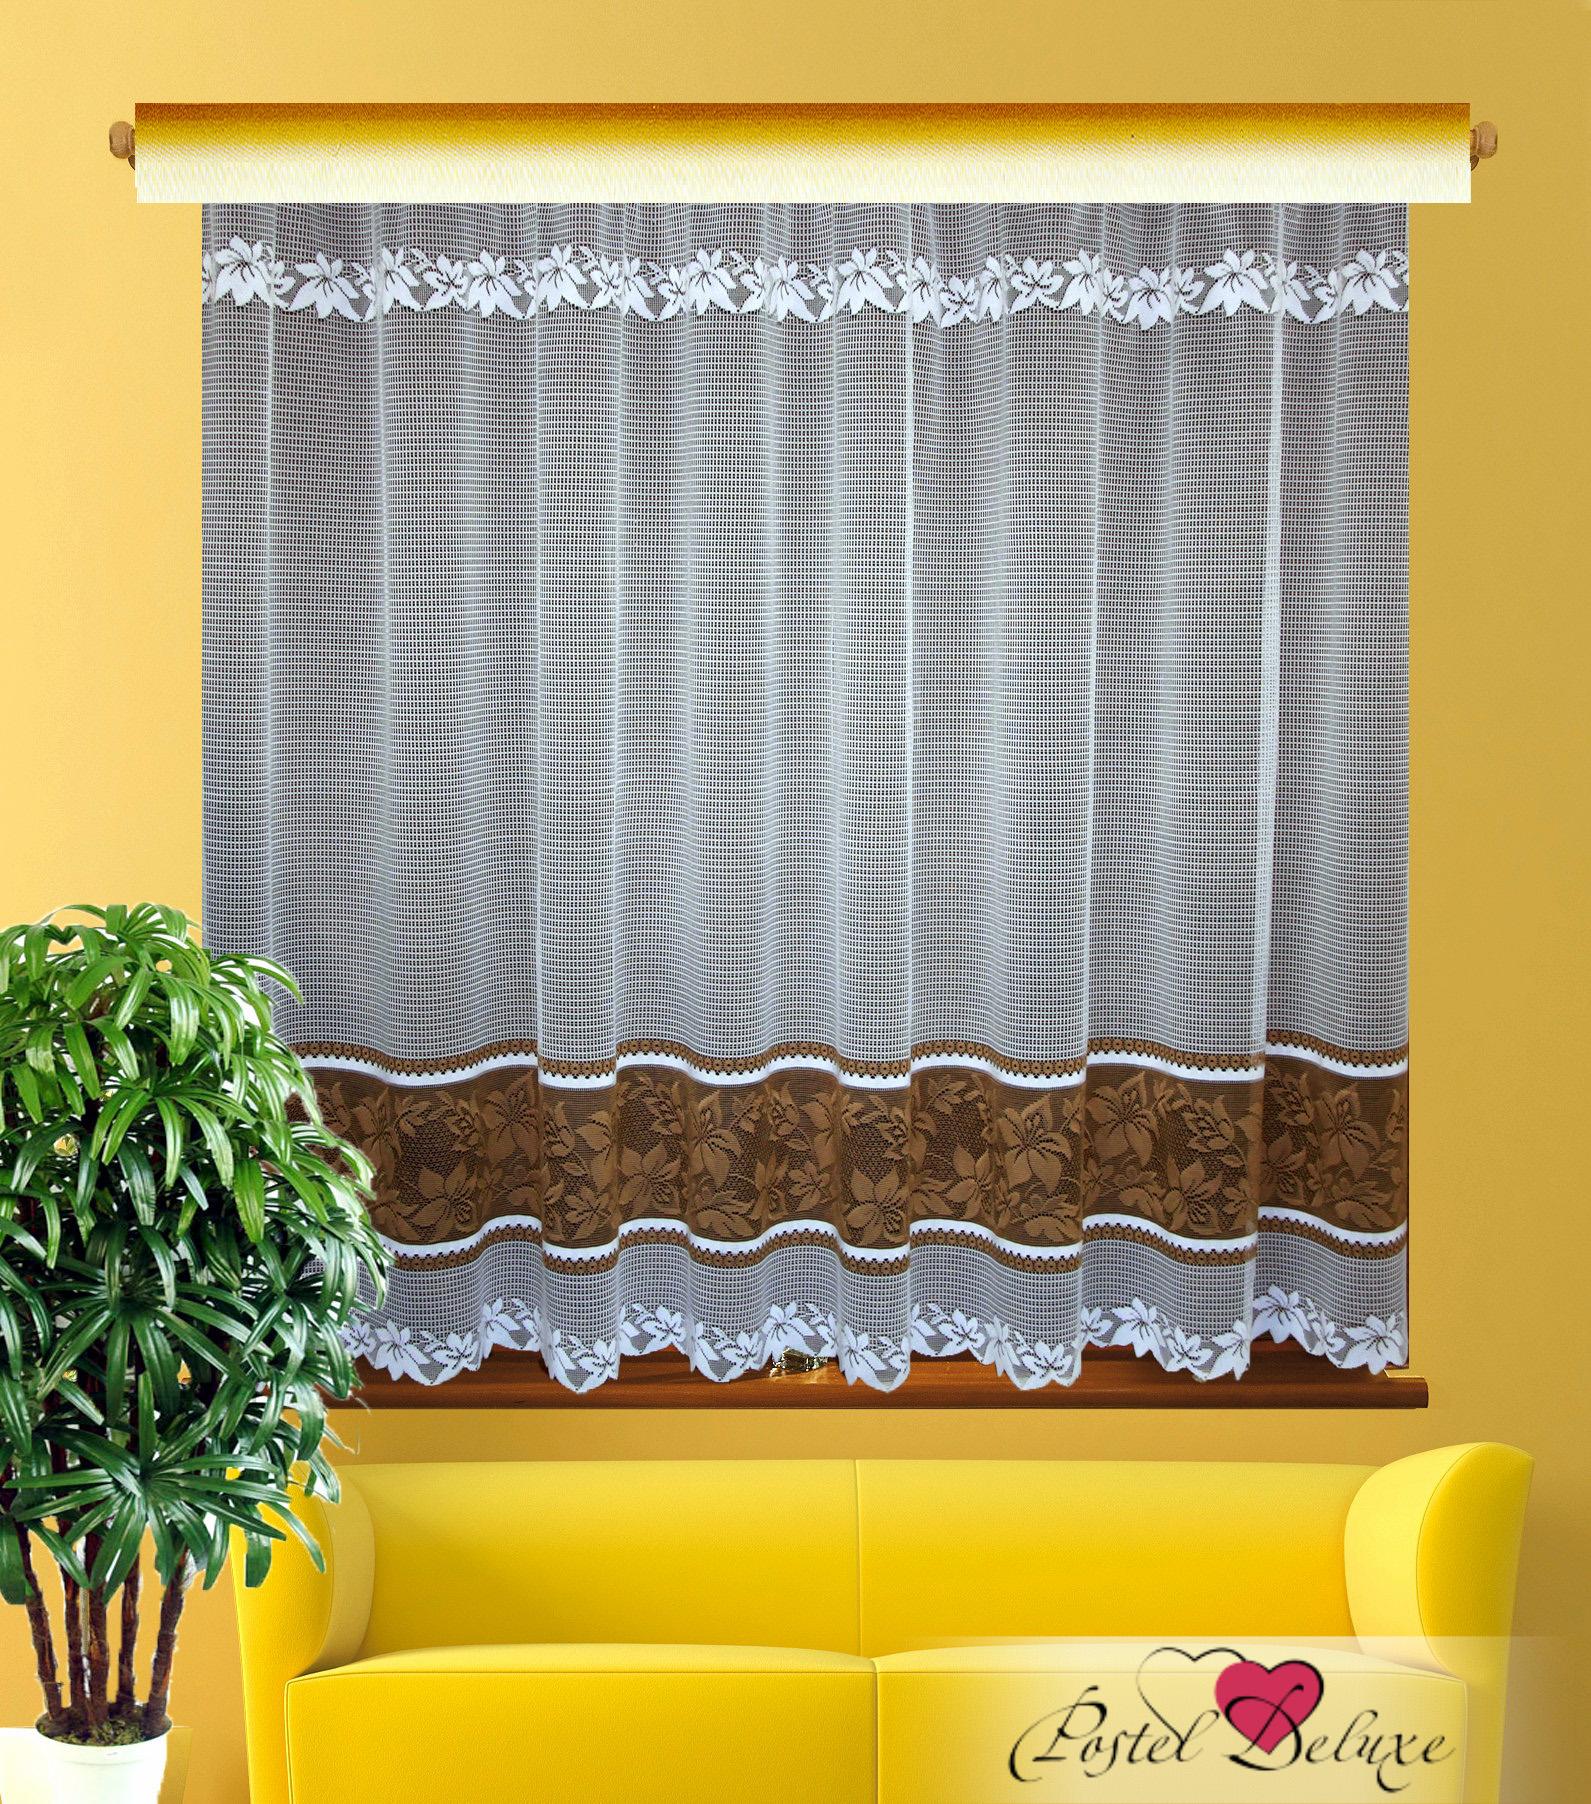 Шторы Elegante Классические шторы Buketwhite Цвет: Белый шторы tac классические шторы winx цвет персиковый 200x265 см